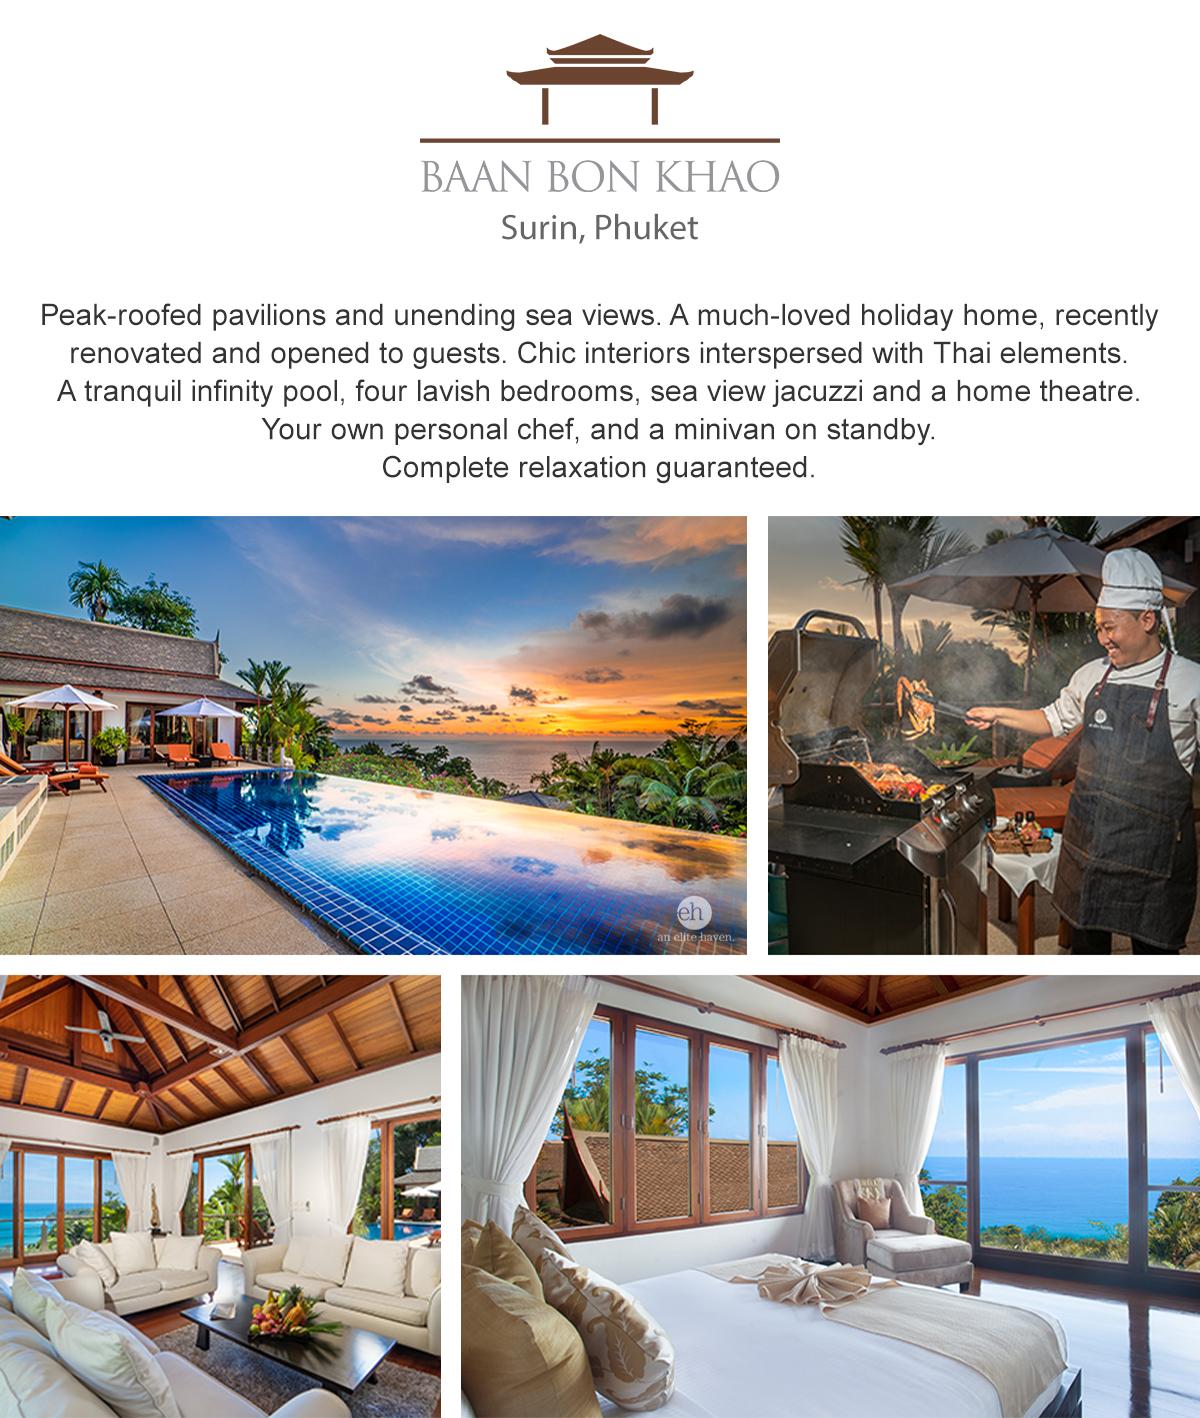 Villa Baan Bon Khao - Surin, Phuket